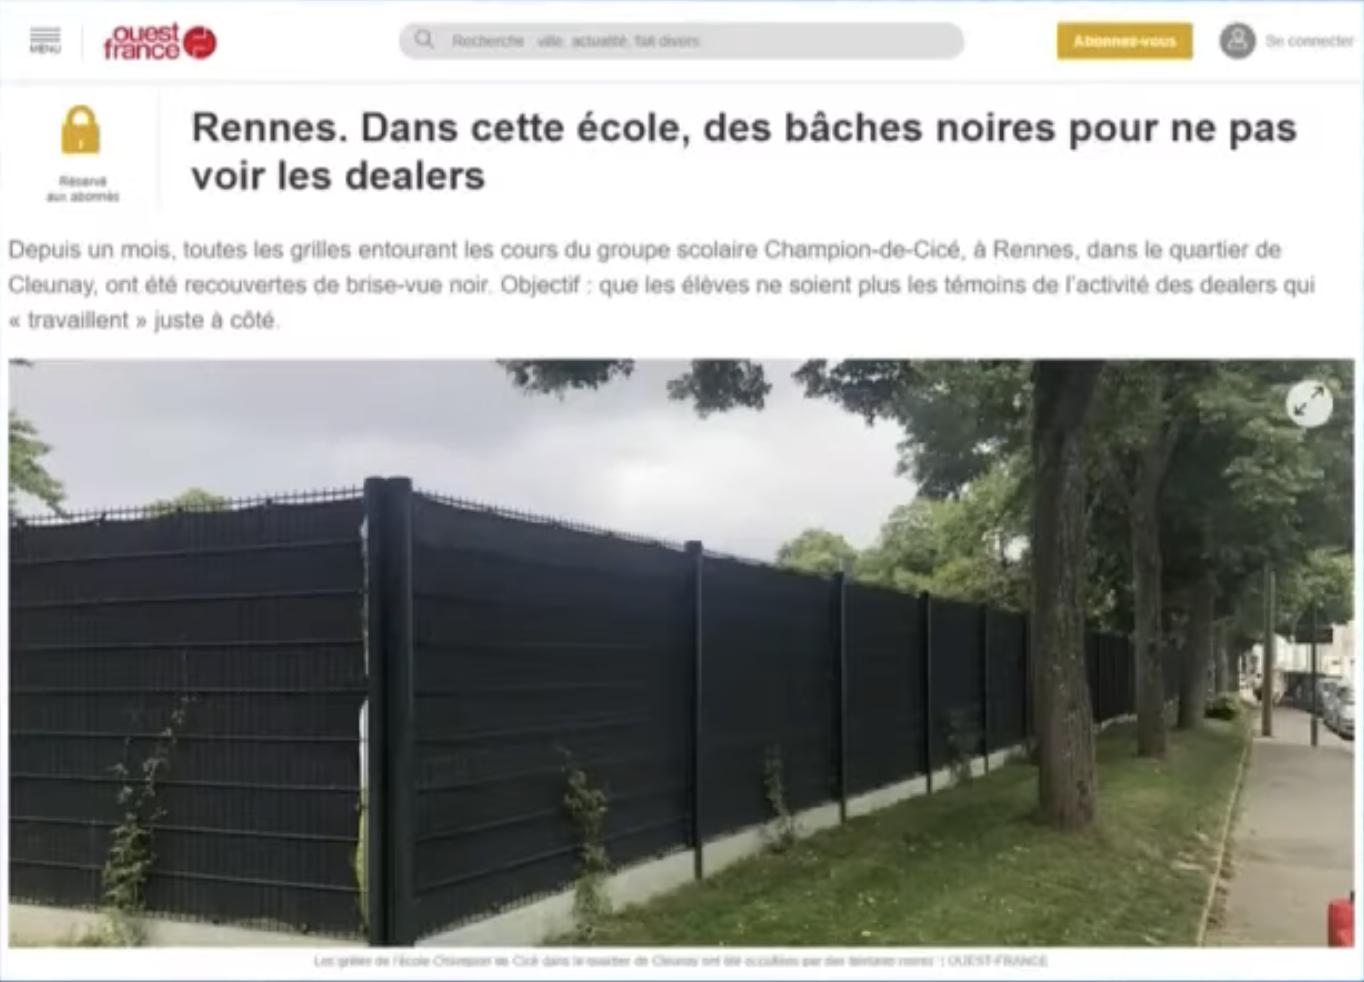 Surréaliste : À Rennes, ce ne sont pas les dealers qui se cachent mais les écoles… (VIDÉO)